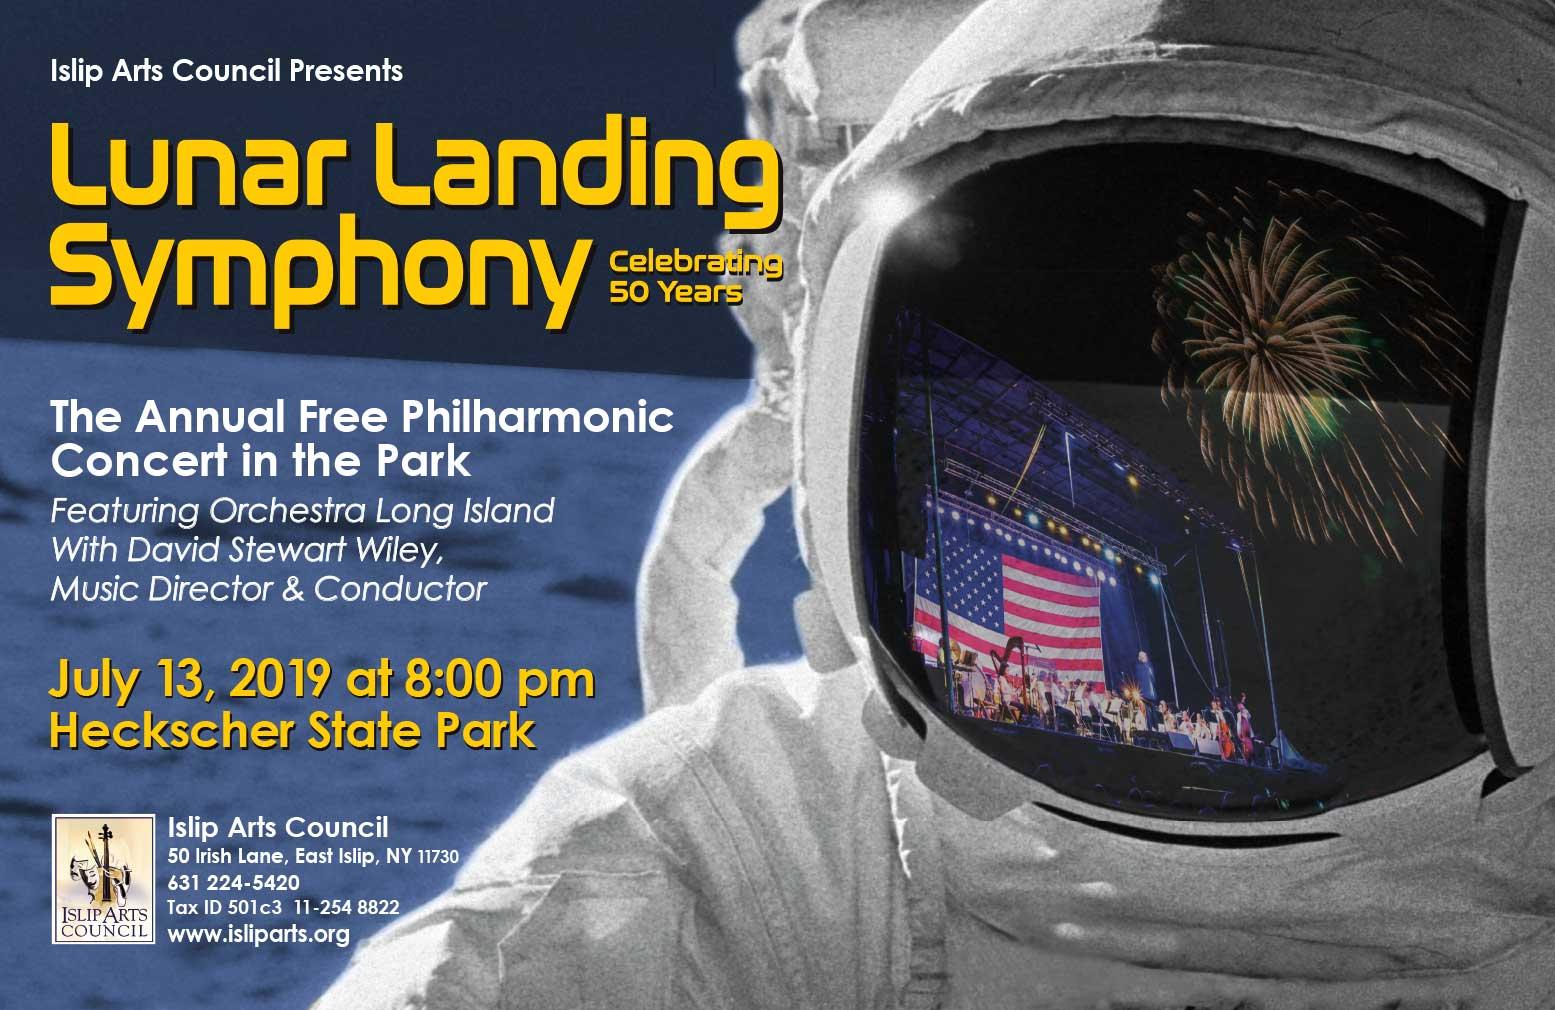 Lunar Landing Symphony at Heckscher State Park